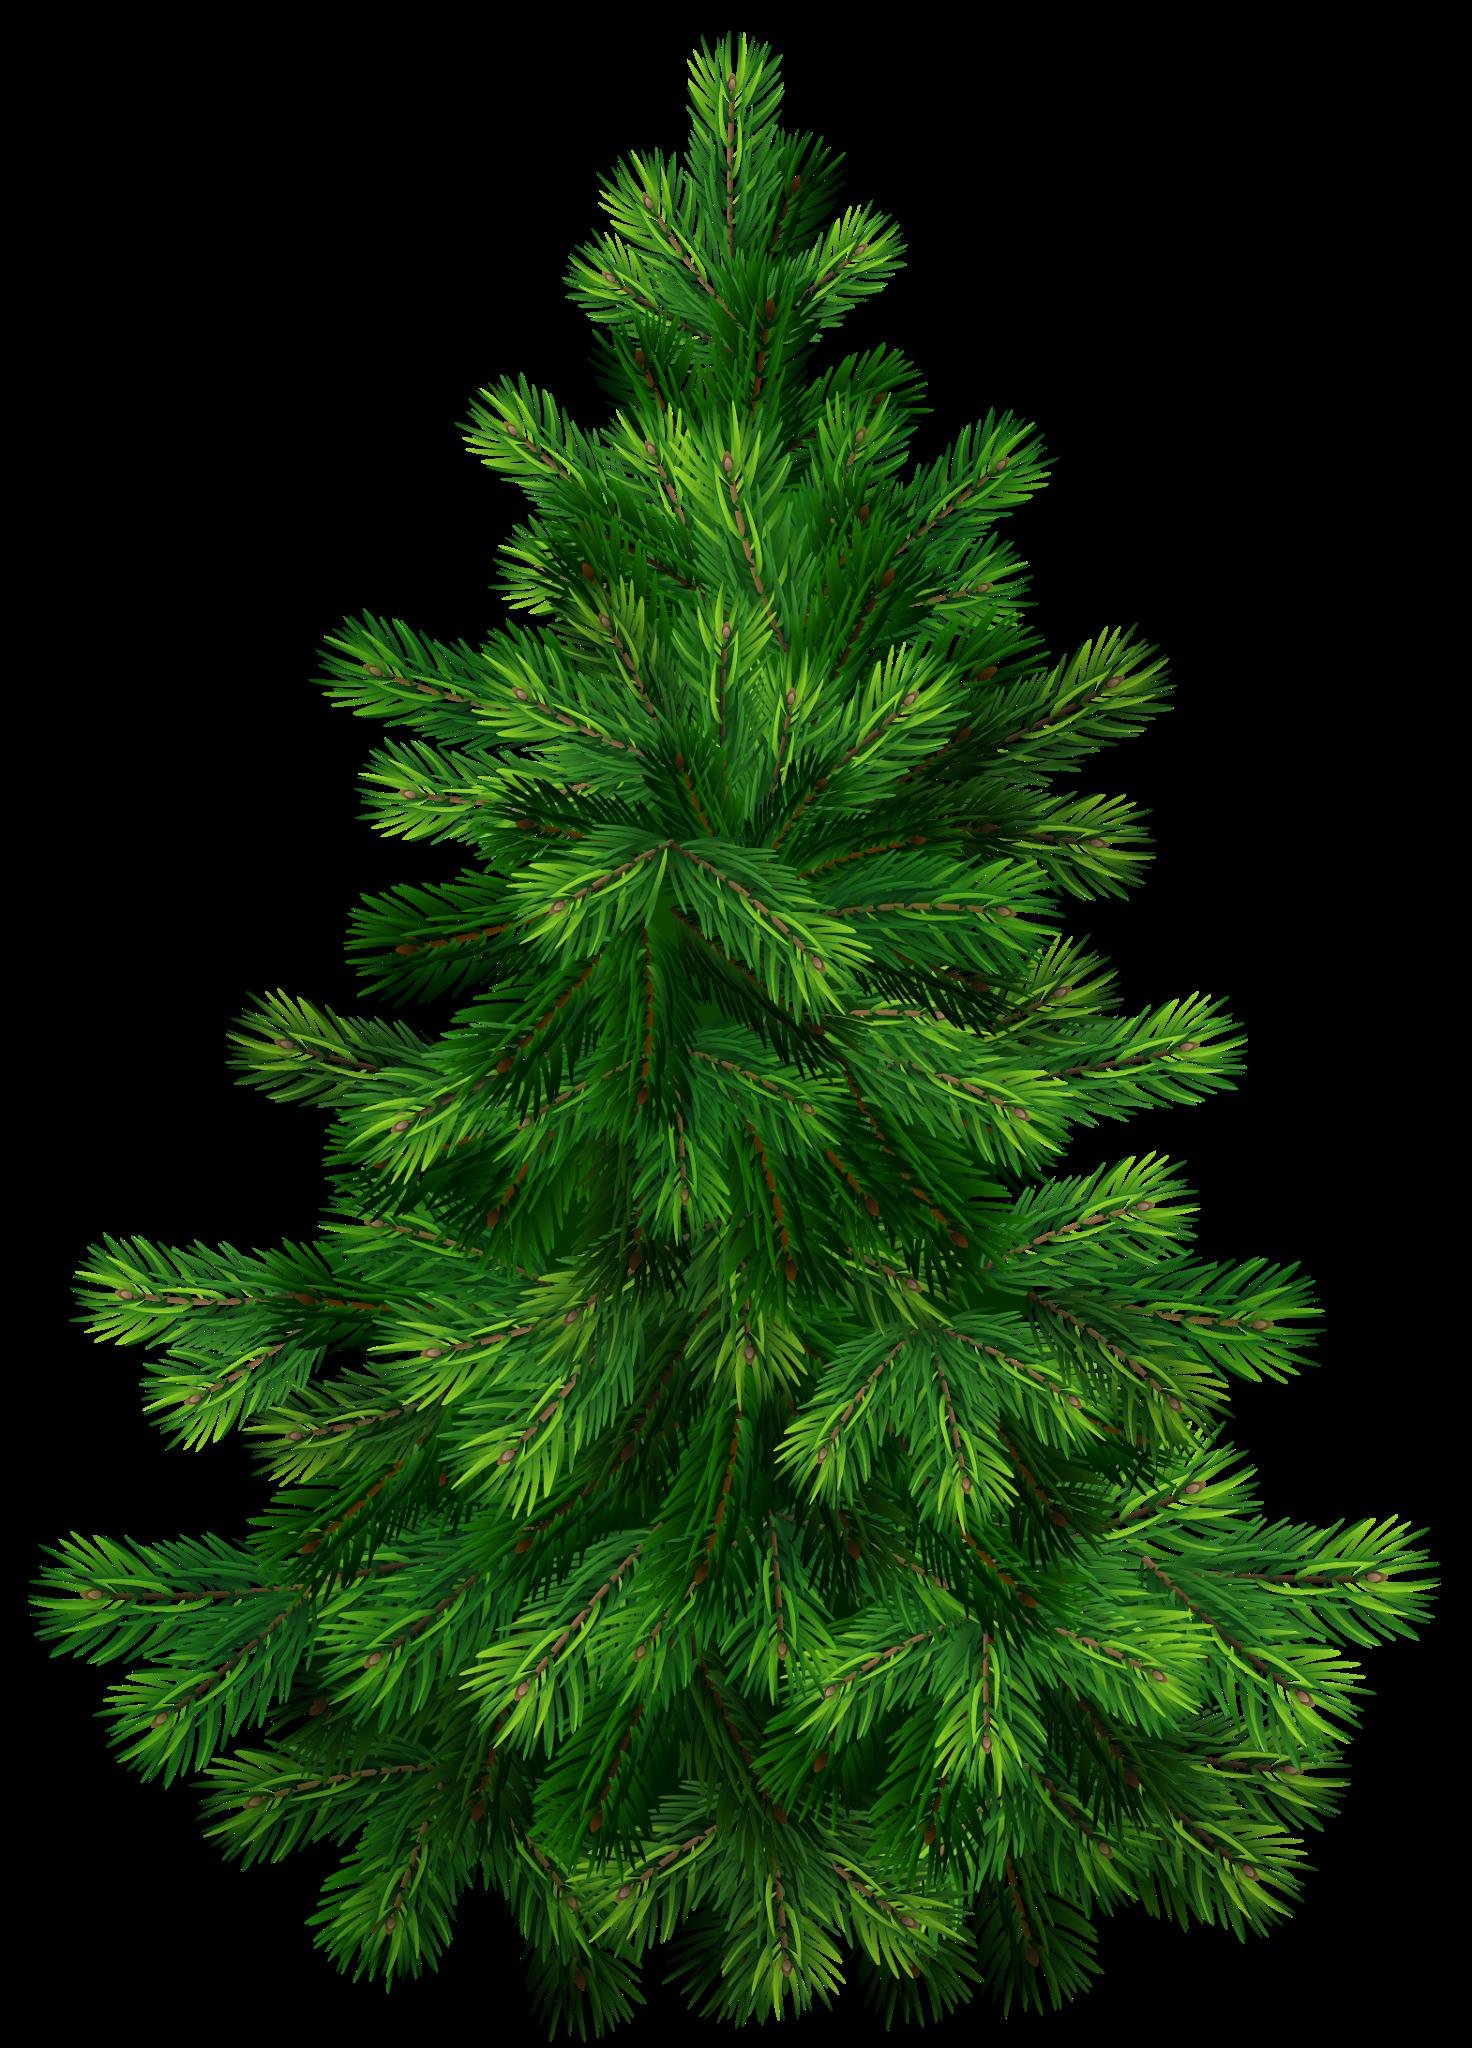 Real Christmas Tree Png Christmas Png Image Clipart Tree Illustration Tree Clipart Christmas Clipart